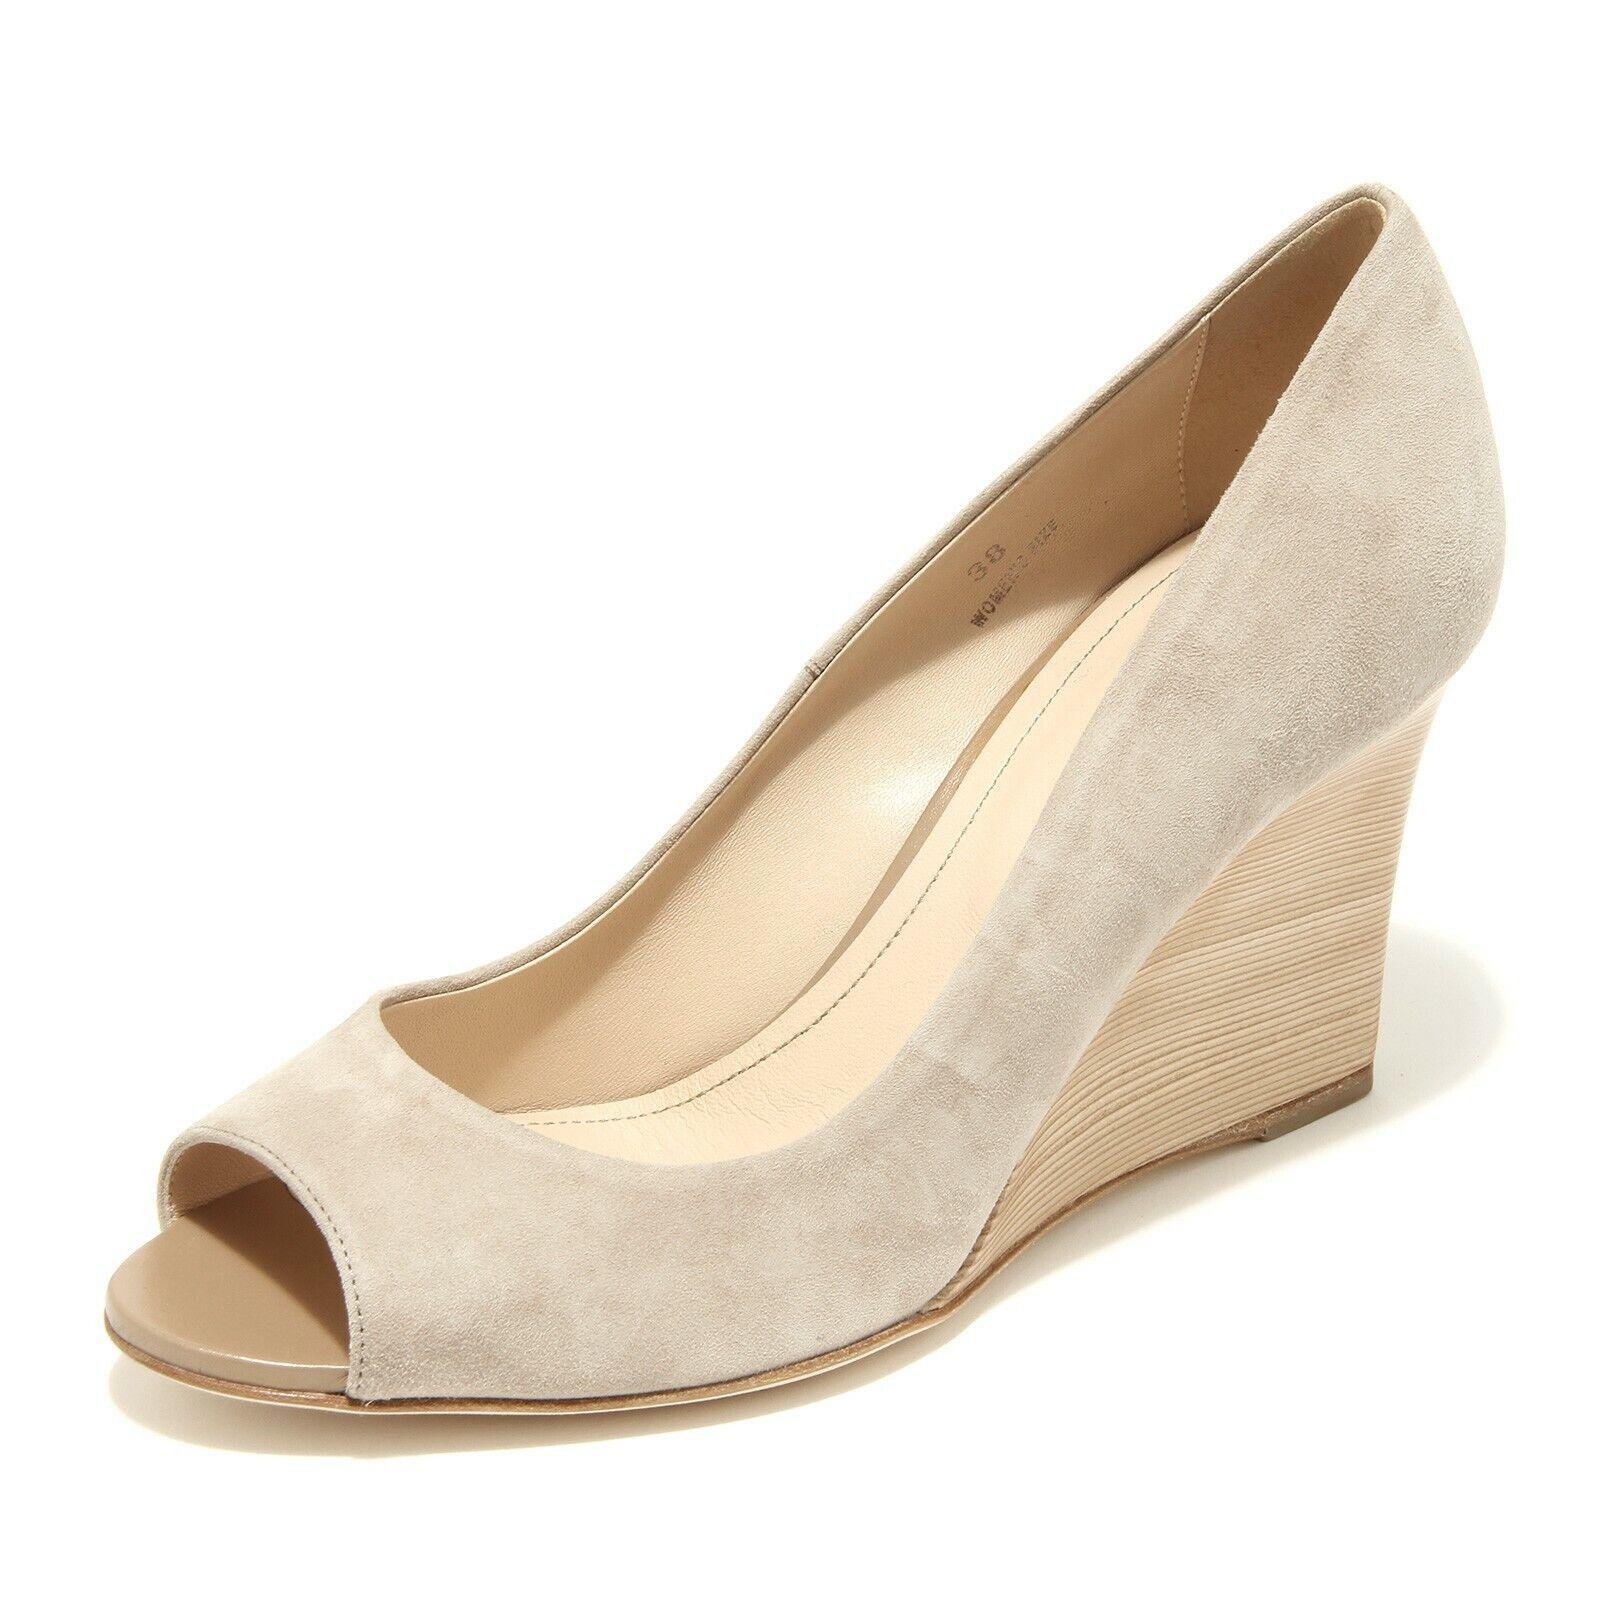 55664 Pump Rag TOD's Wedge RD scarpe  donne donne  vieni a scegliere il tuo stile sportivo